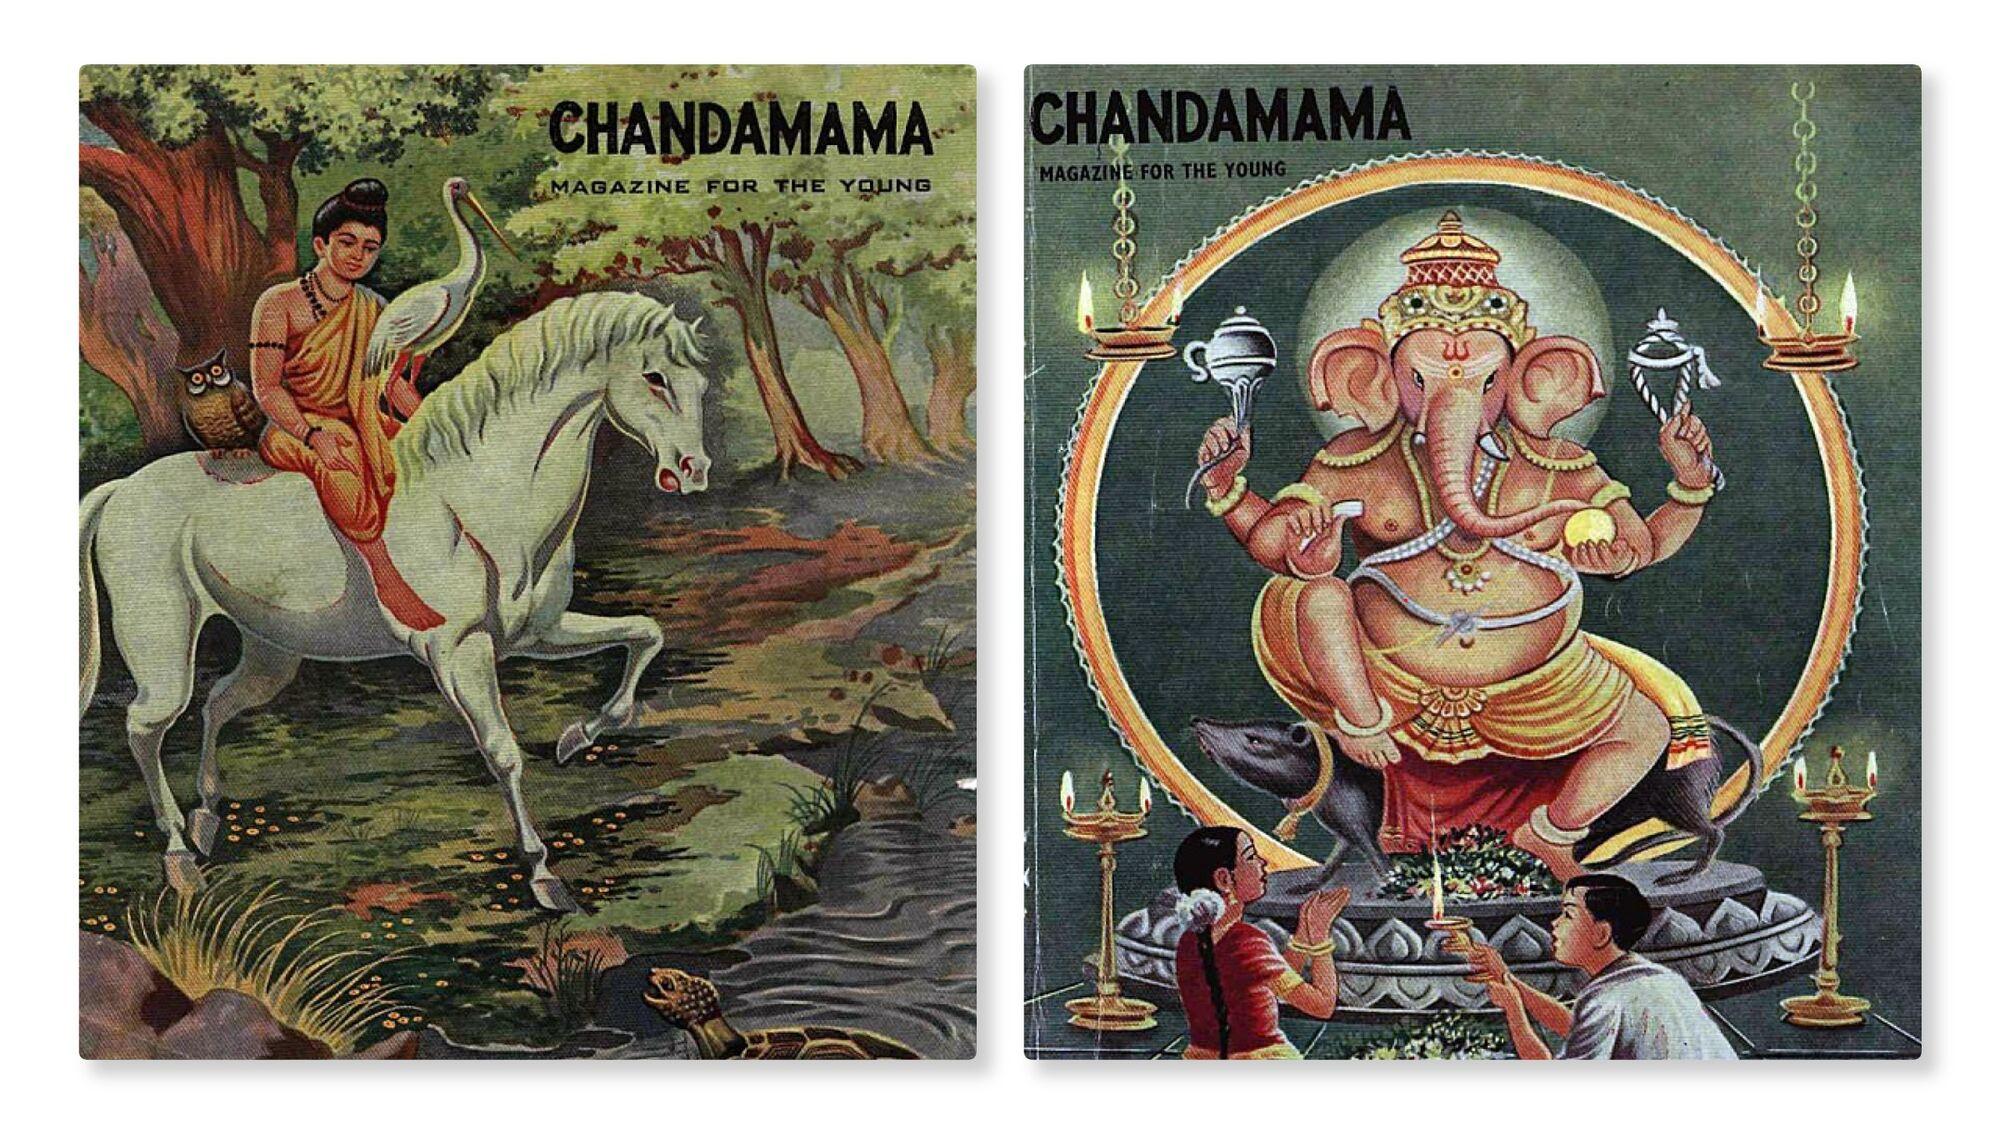 Chandamama Magazines